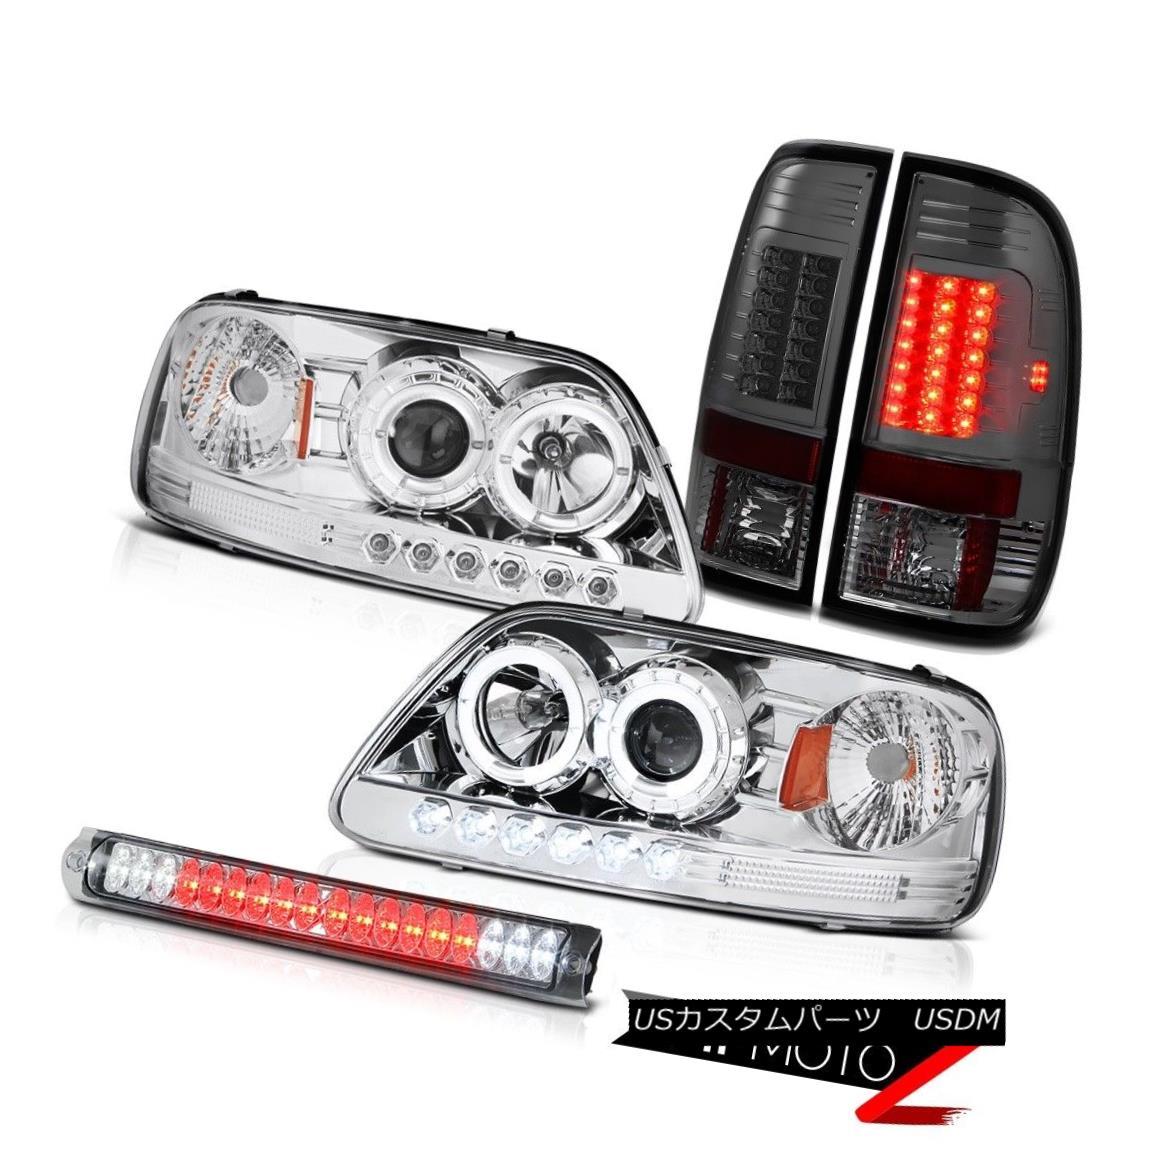 テールライト Chrome Halo LED Headlights Tail Light Tinted 3rd Brake Lamp F150 Lightning 97-03 クロームハローLEDヘッドライトテールライト第3ブレーキランプF150ライトニング97-03